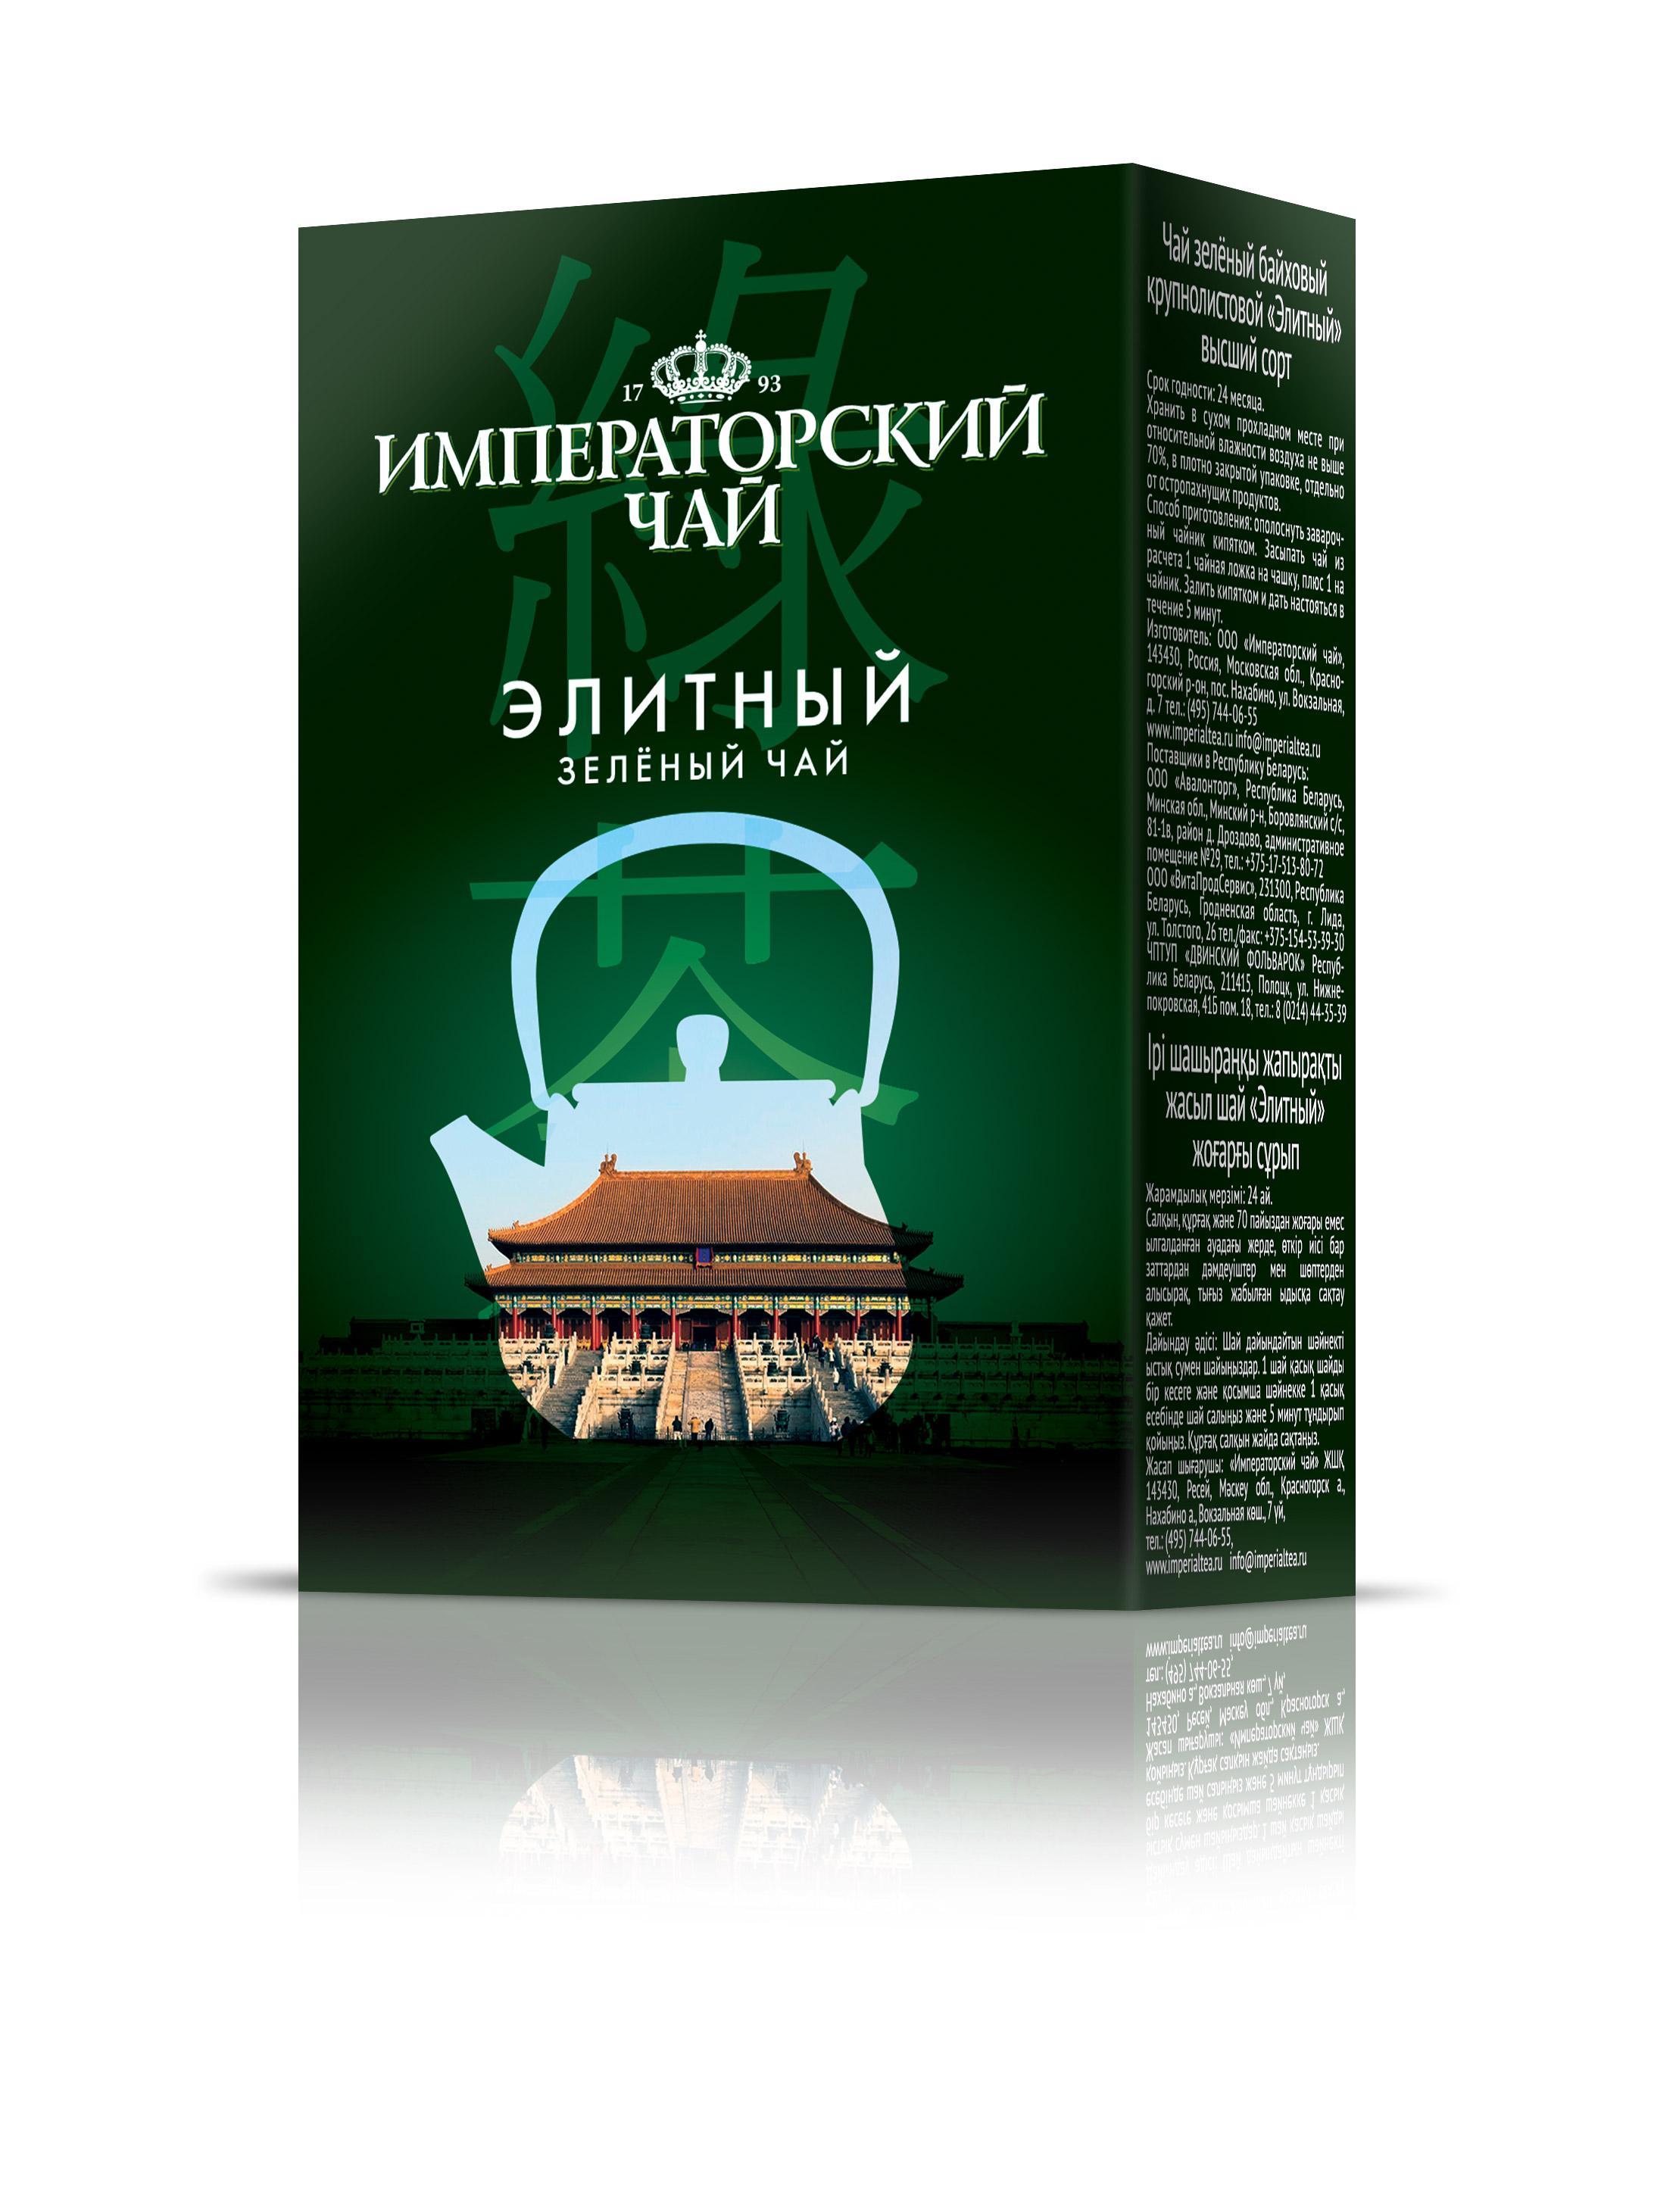 Чай Императорский Элитный зеленый